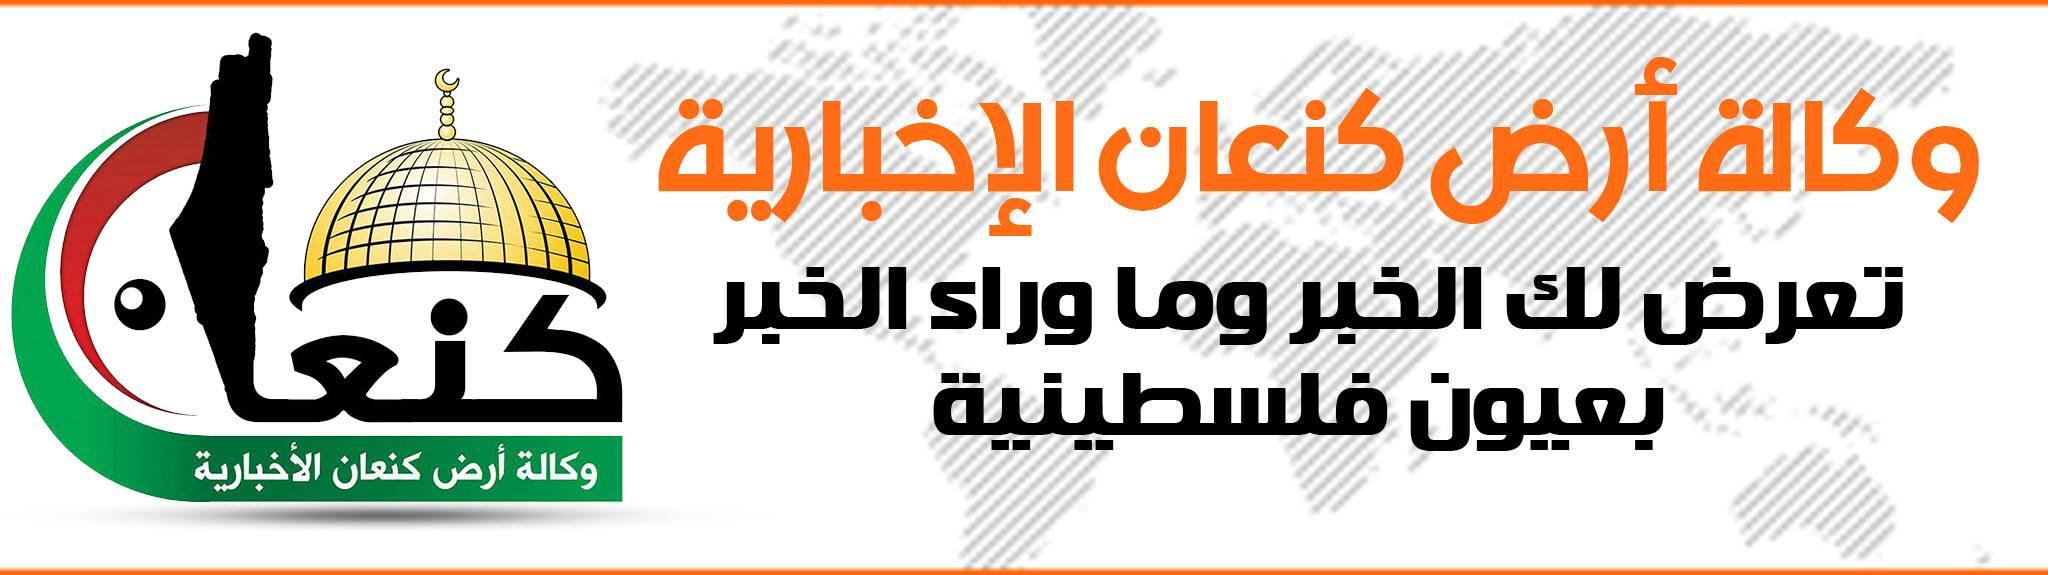 وكالة أرض كنعان الإخبارية